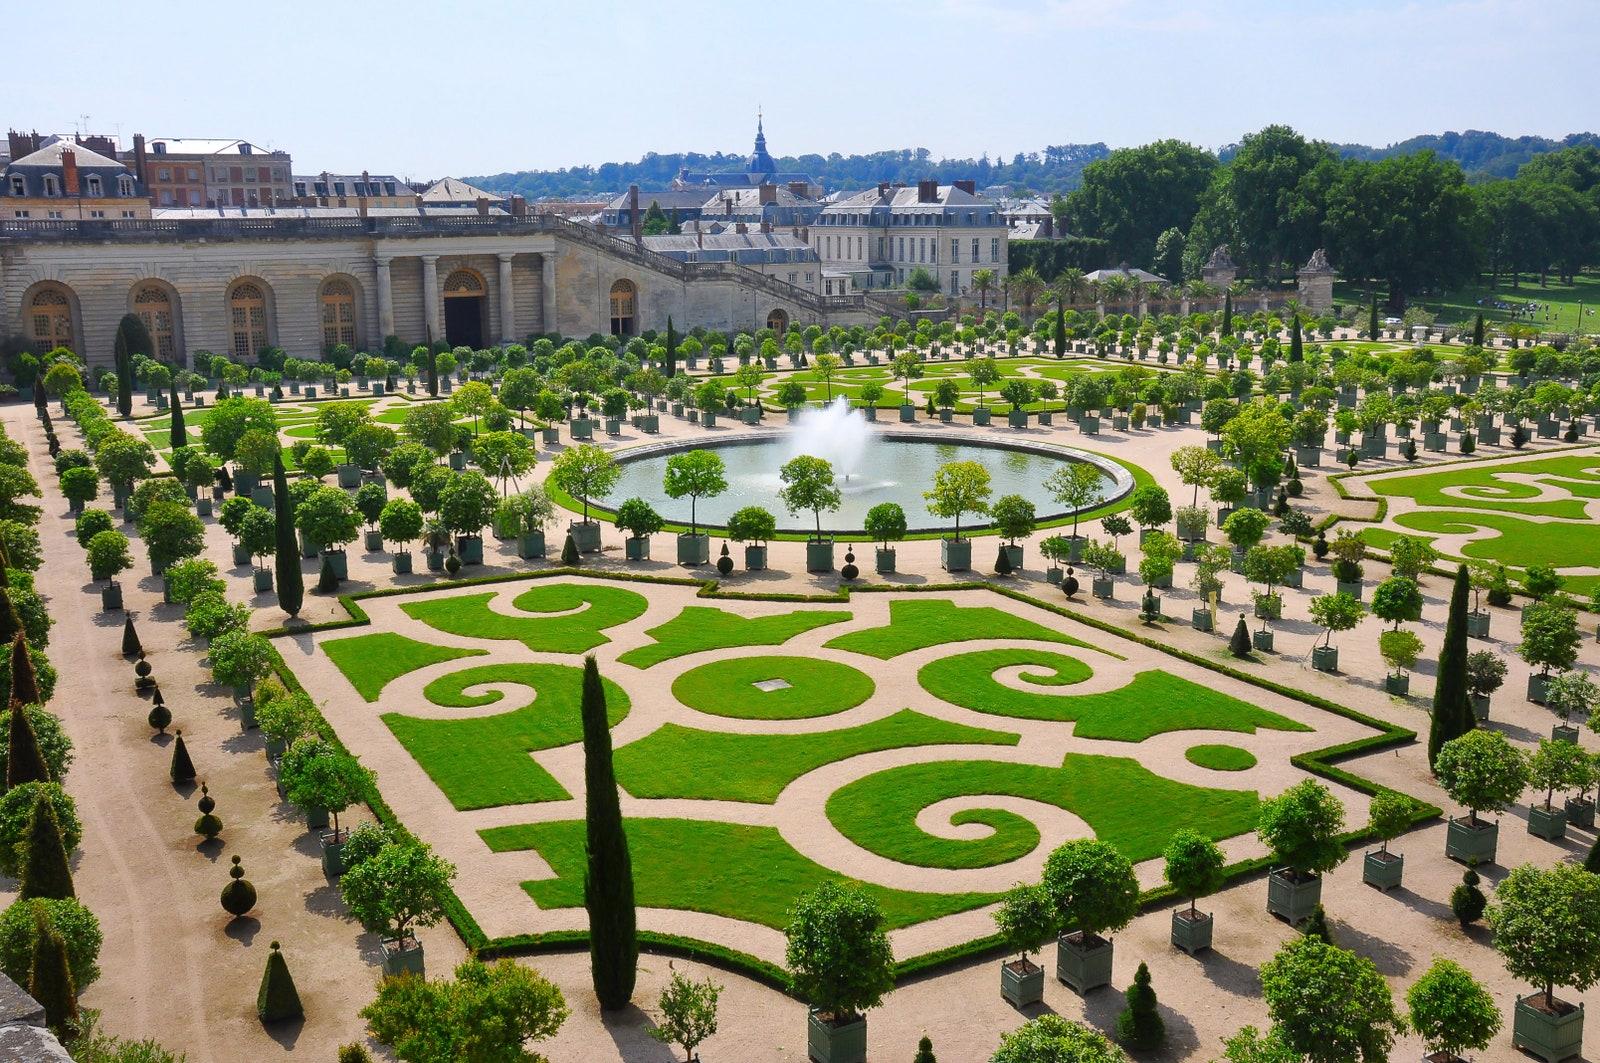 Отель на территории Версаля предлагает пожить по-королевски